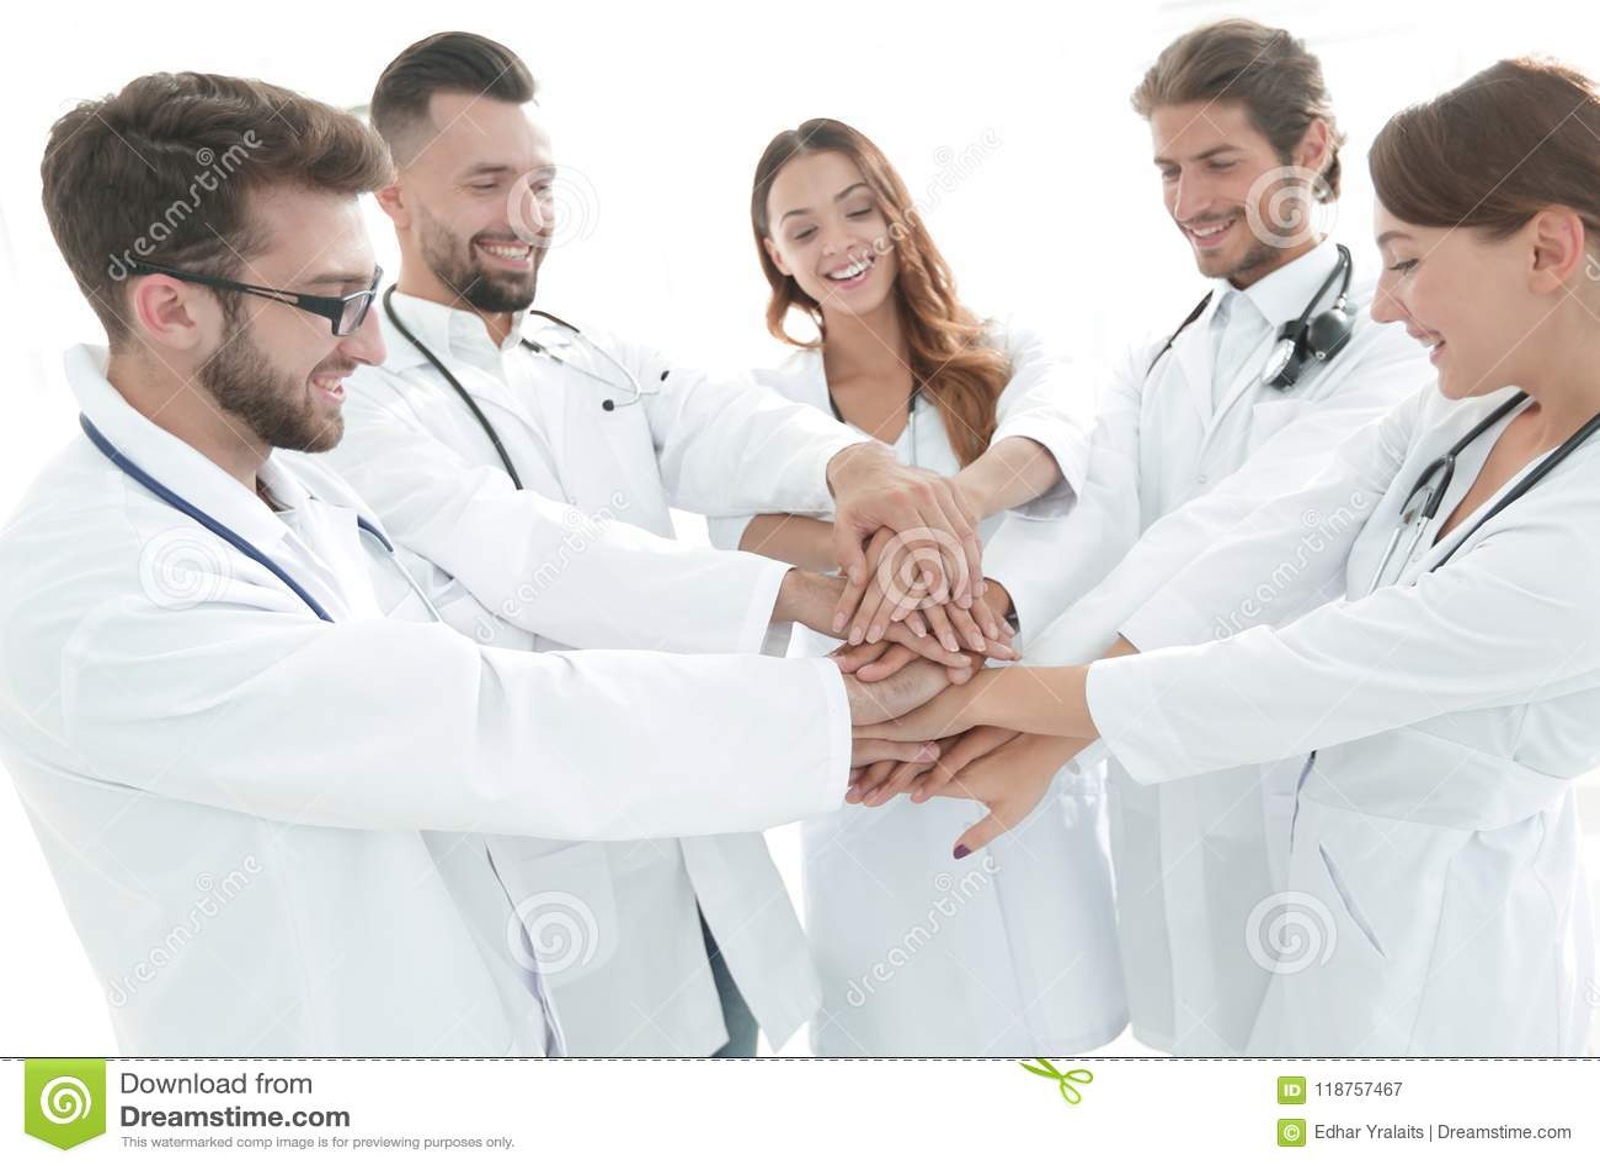 Η ομάδα ιατρικών οικότροφων παρουσιάζει ενότητά τους